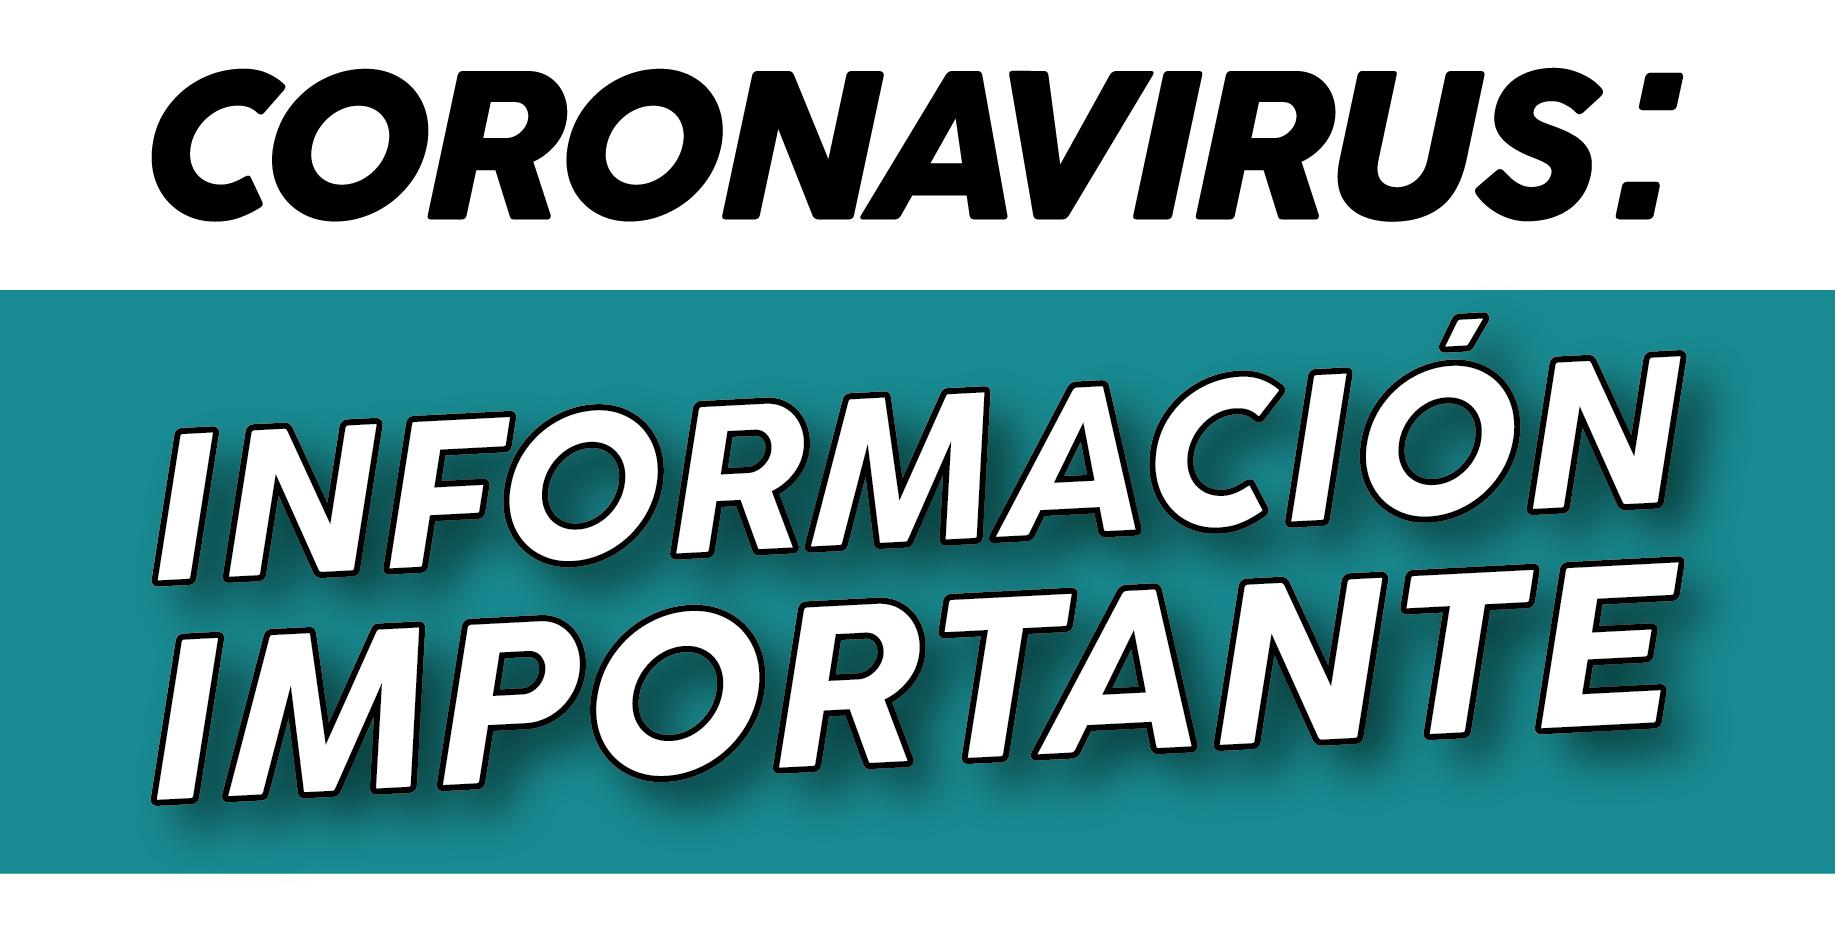 Se confirmó un caso de Coronavirus en nuestro distrito